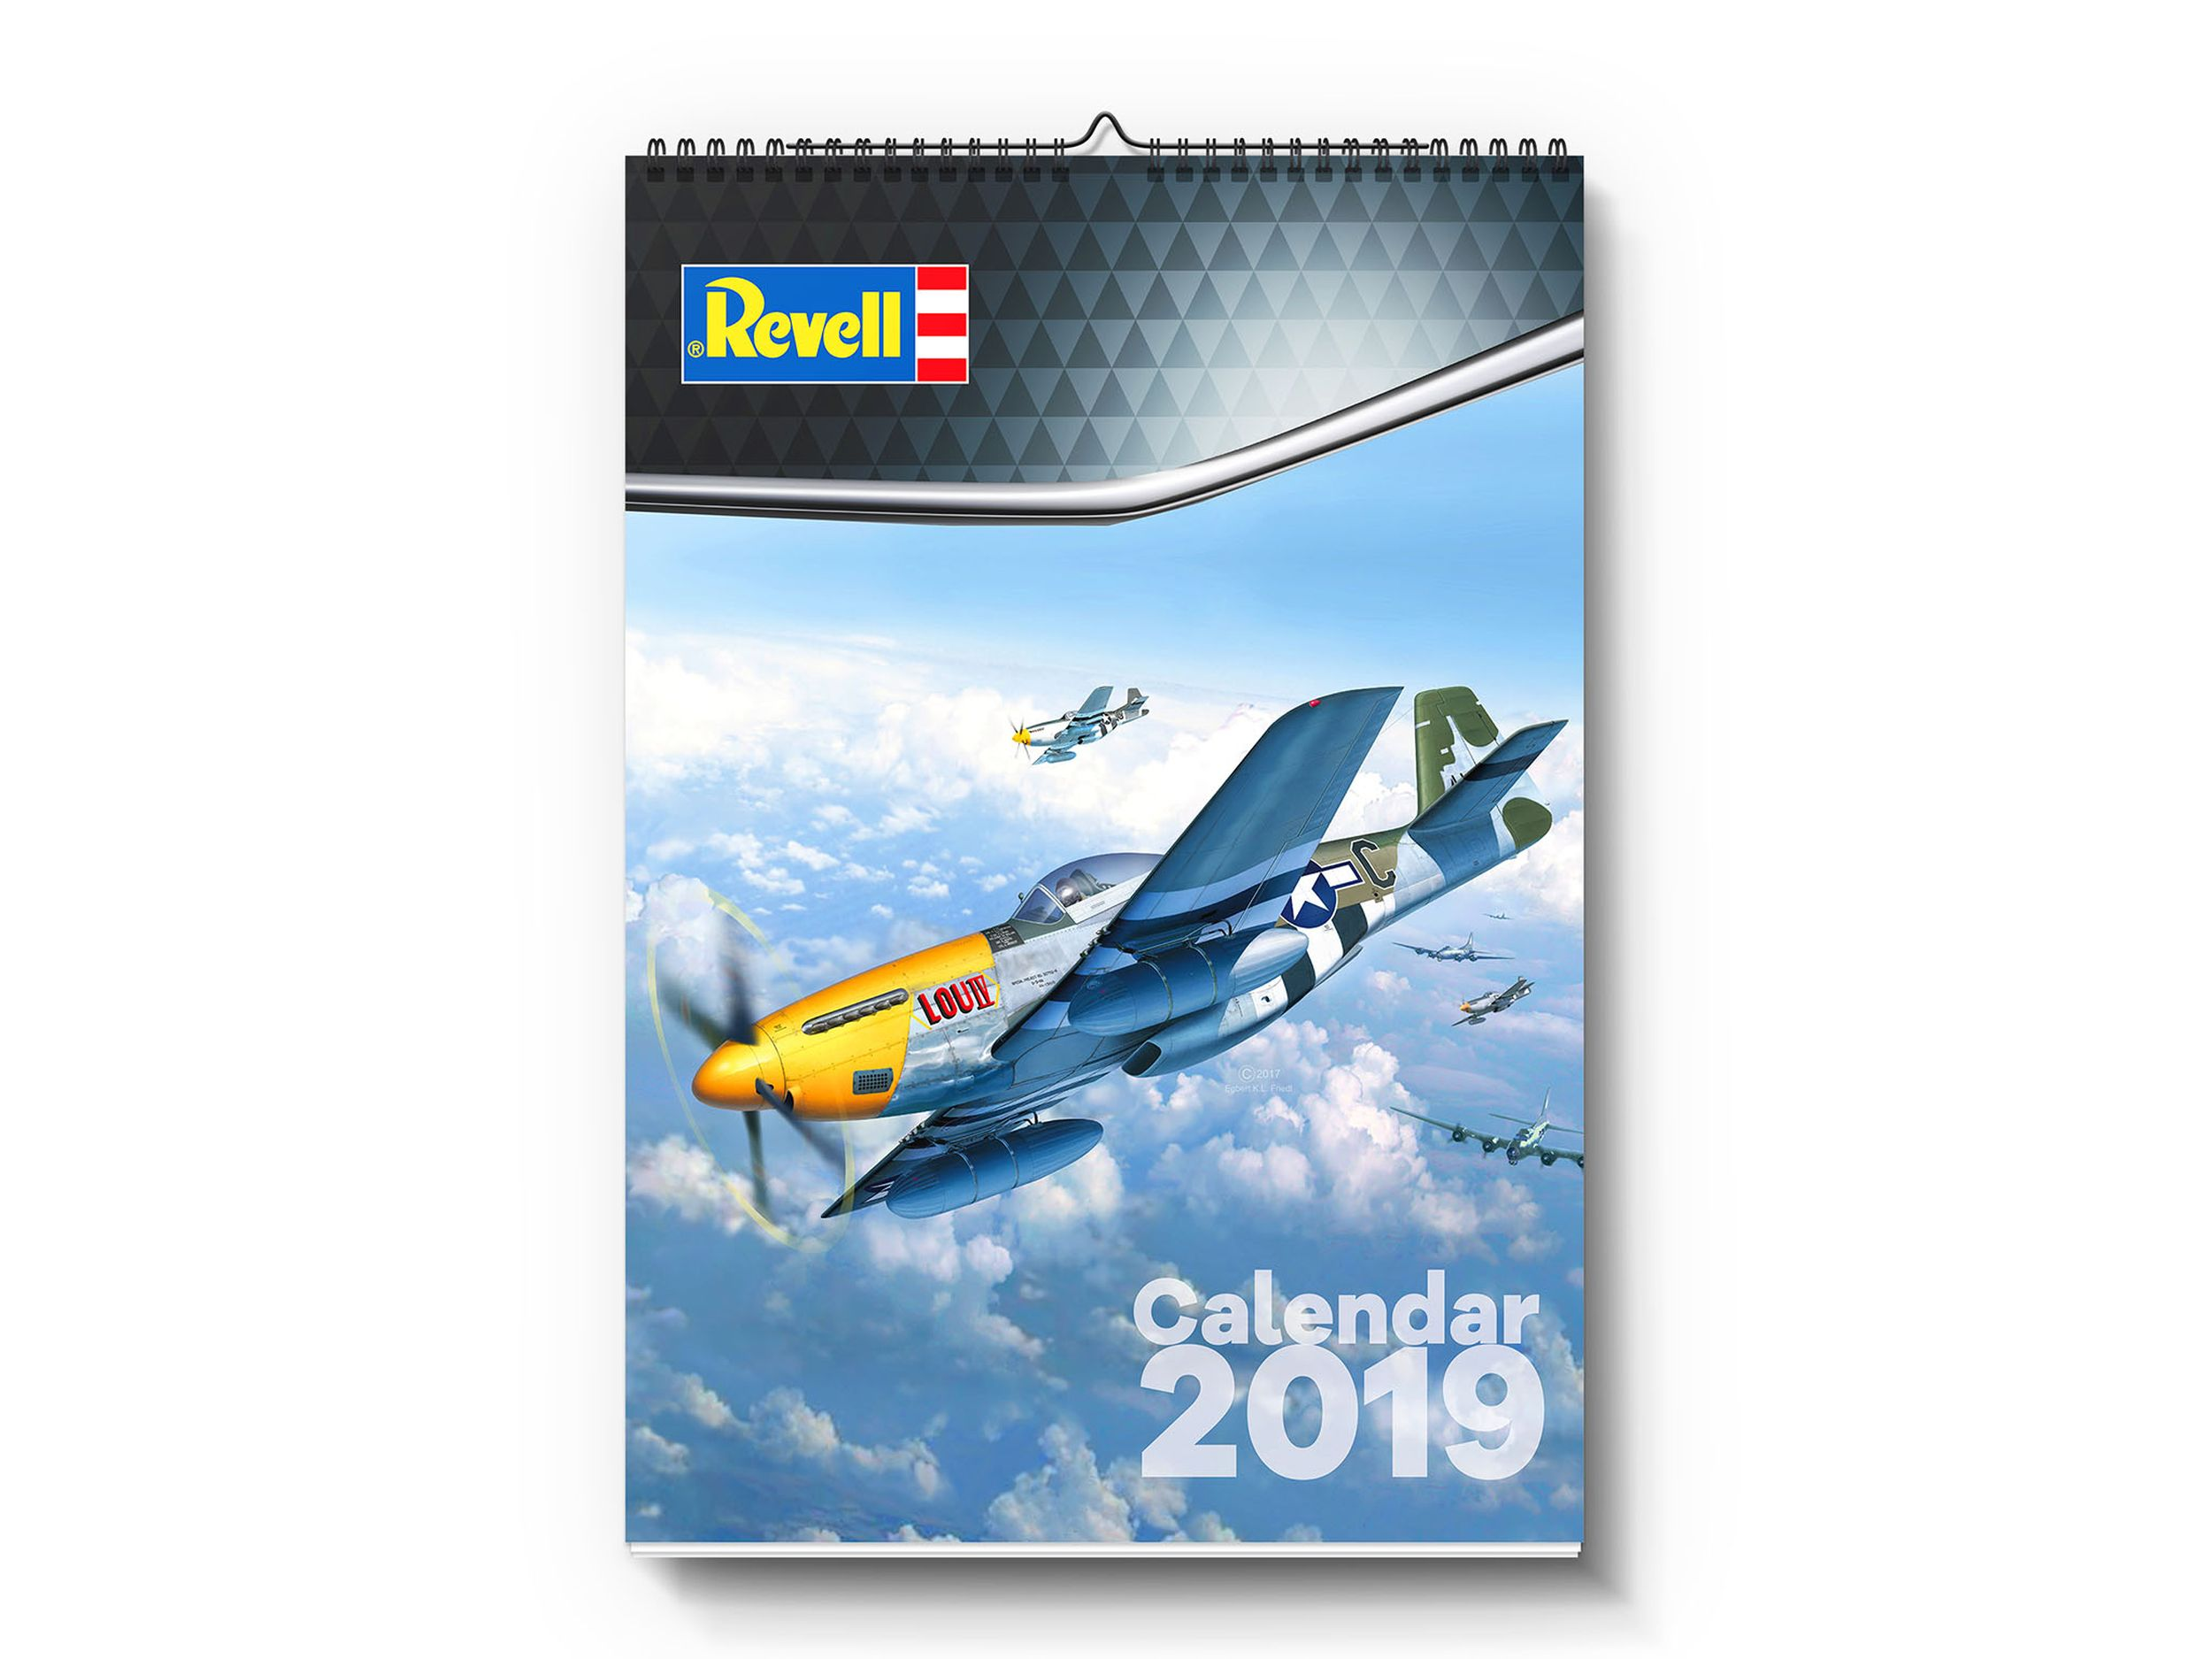 Revell-95251-Revell-Calendar-2019 Revell-Neuheiten im I. Quartal 2019